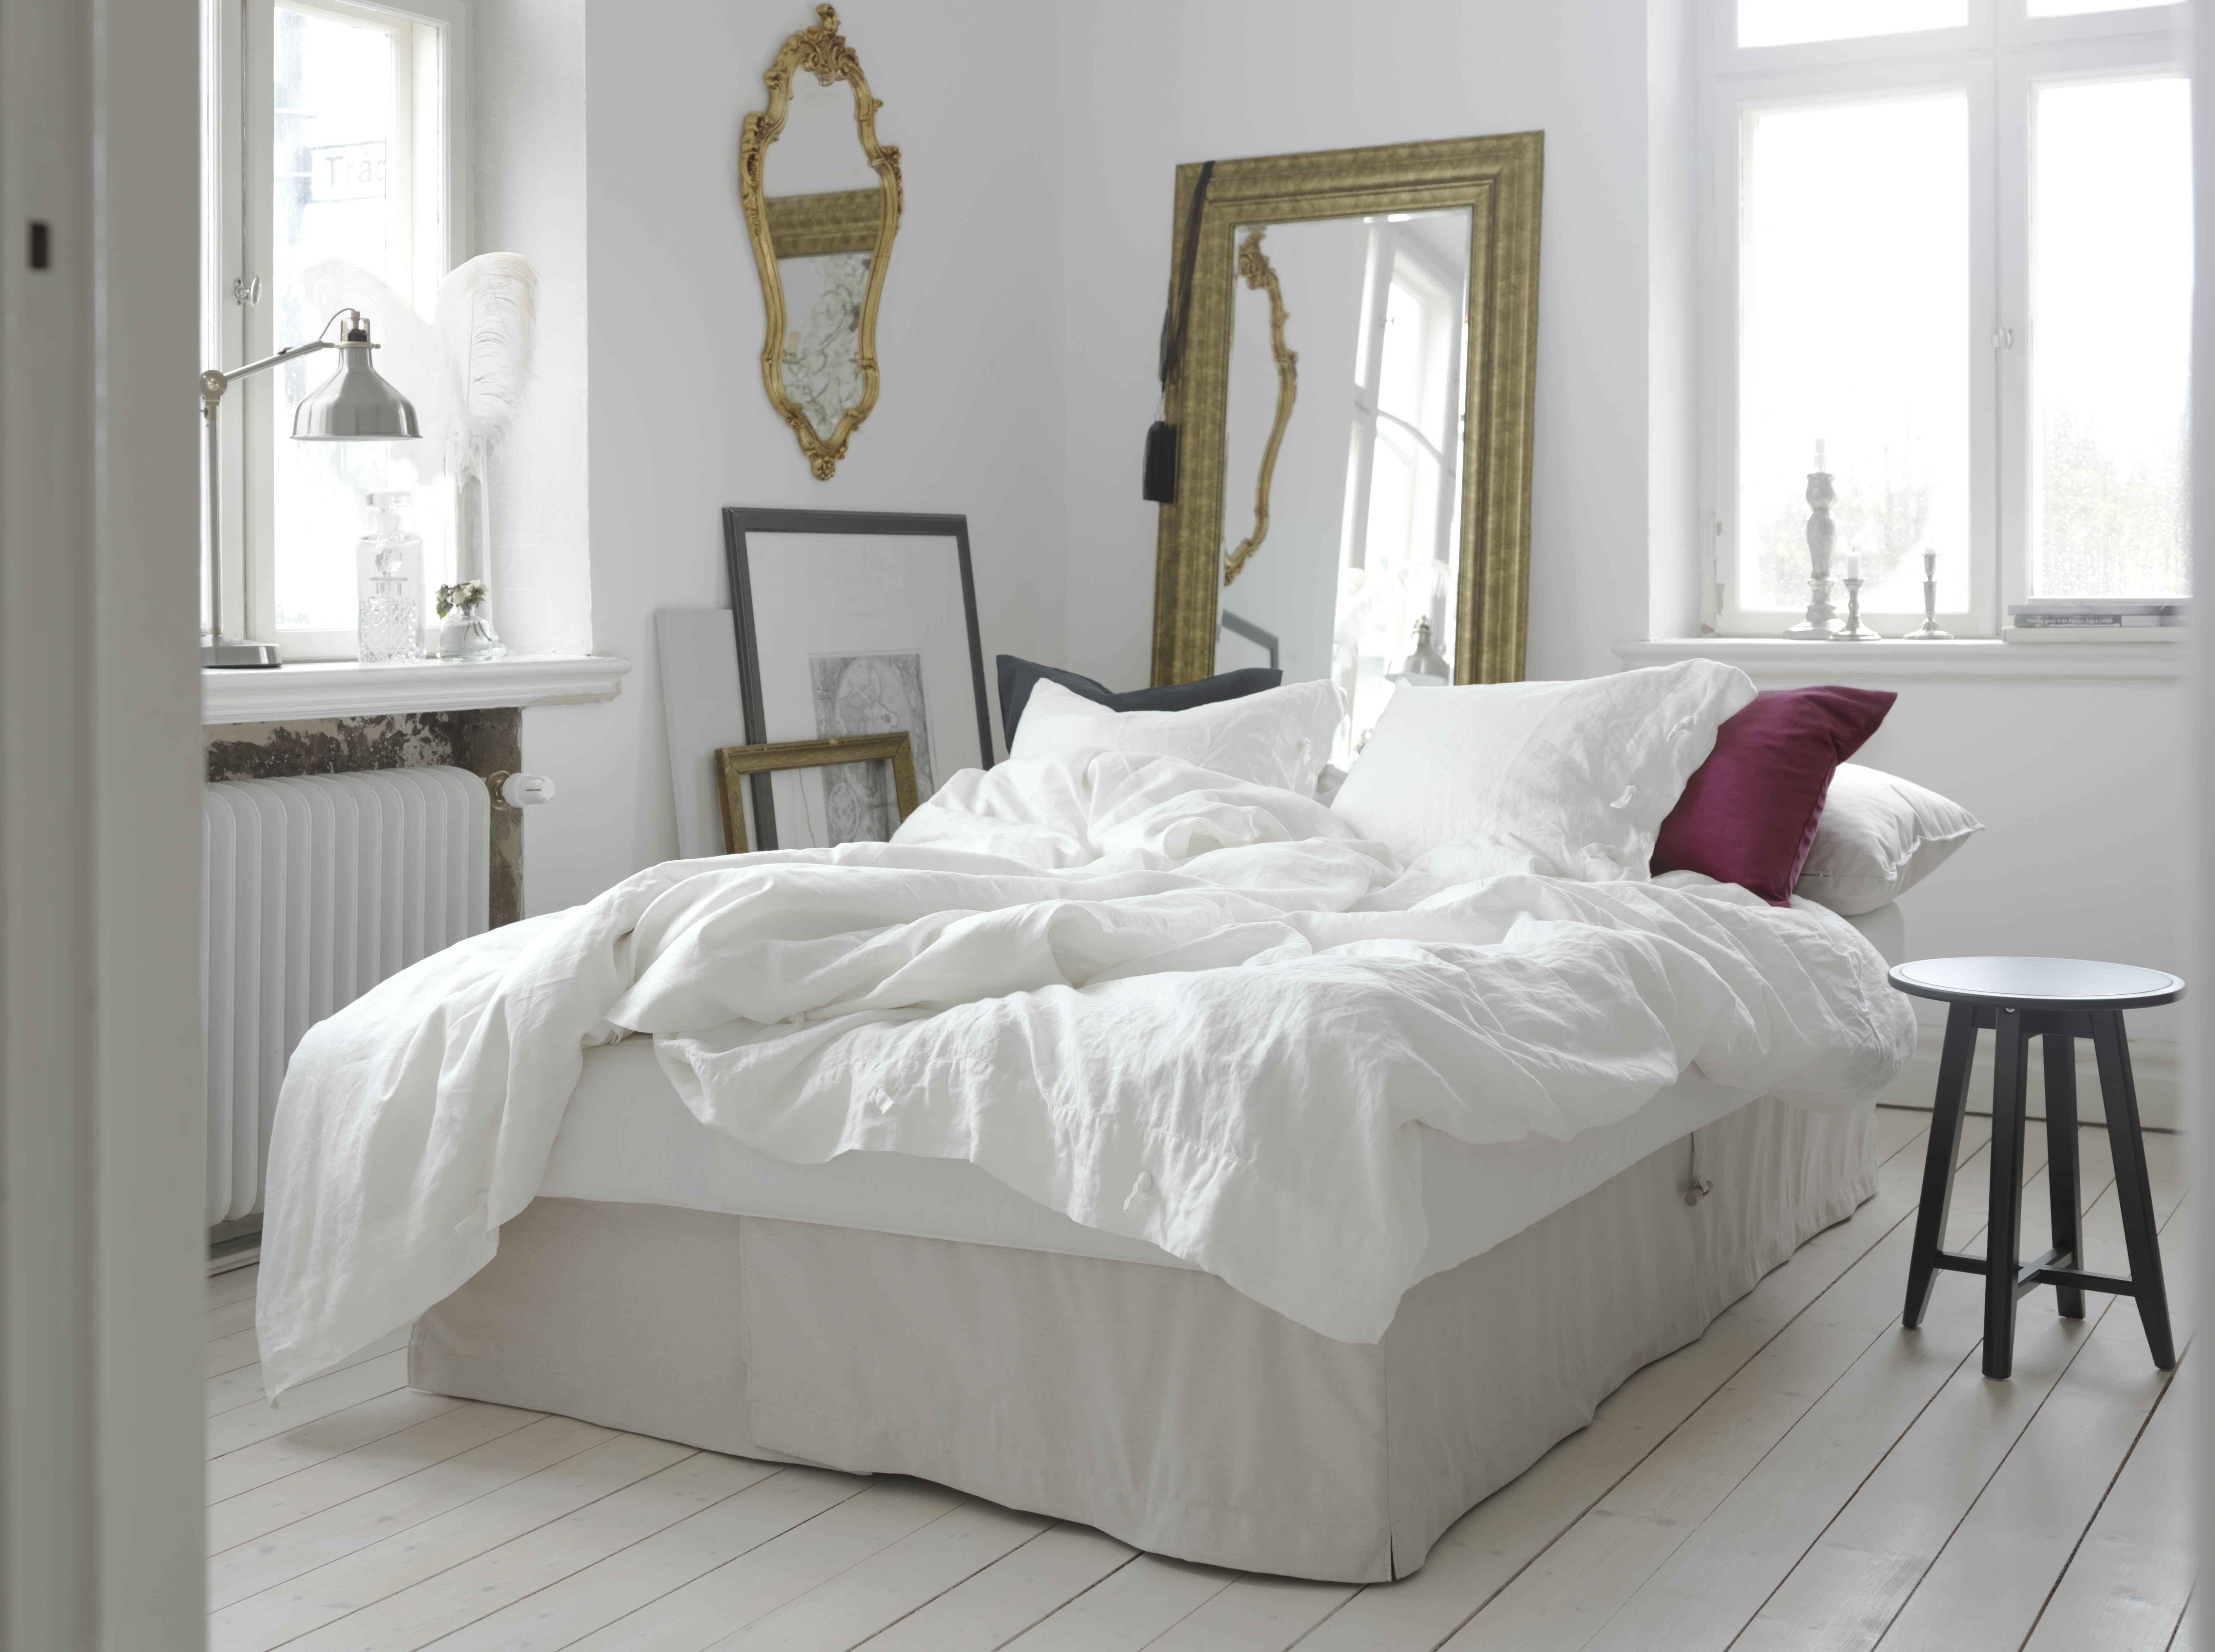 le canap lit himmene se transforme en lit en un tour de main